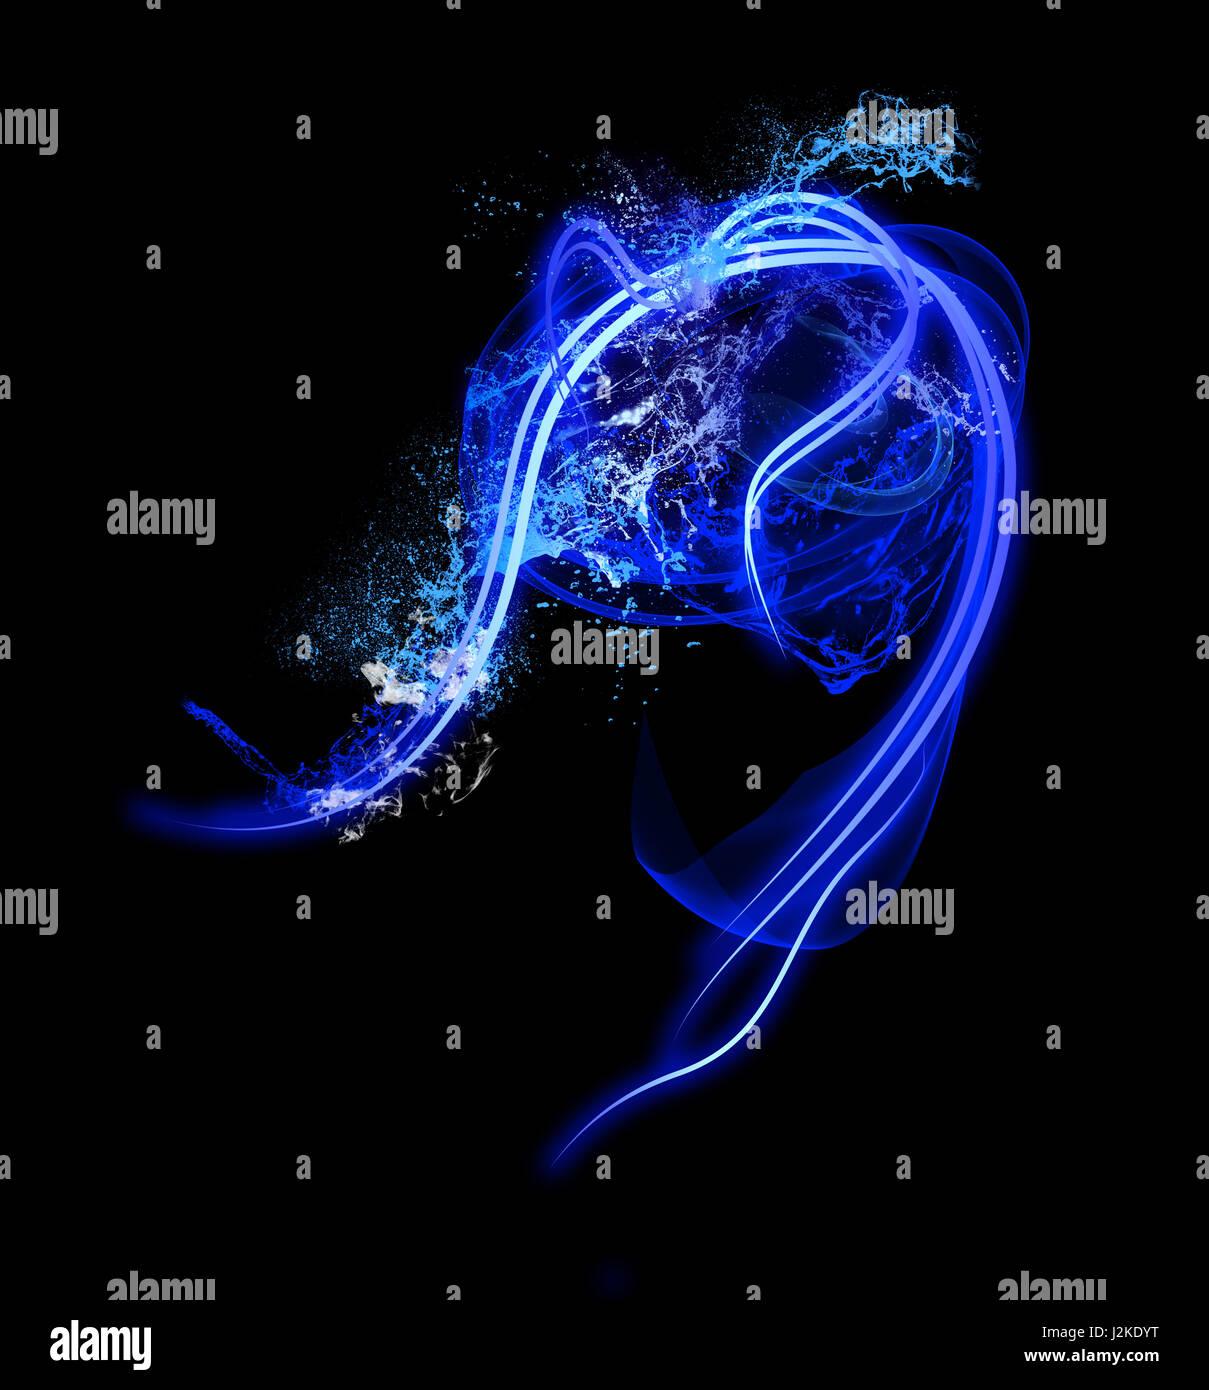 Neon-Licht Form mit Splash realistische glühende Teilchen und Wellen von hellen Linien Stockbild